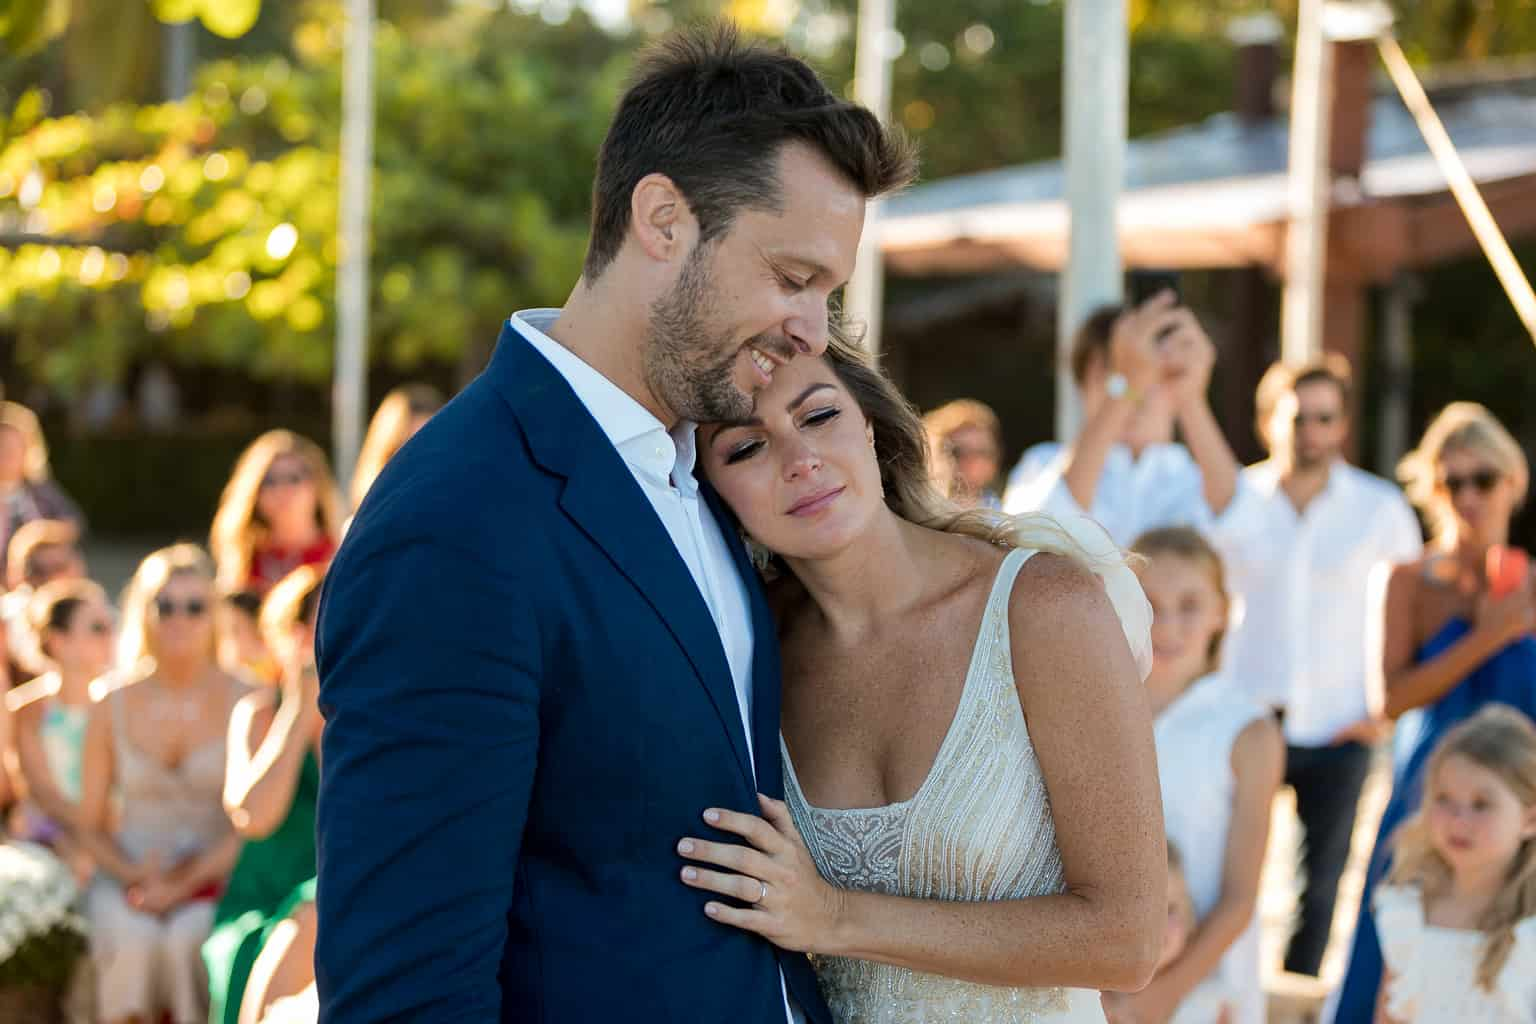 Casamento-Victoria-e-Christian-Fotografia-Tiago-Saldanha-Cerimônia411_MG_1070